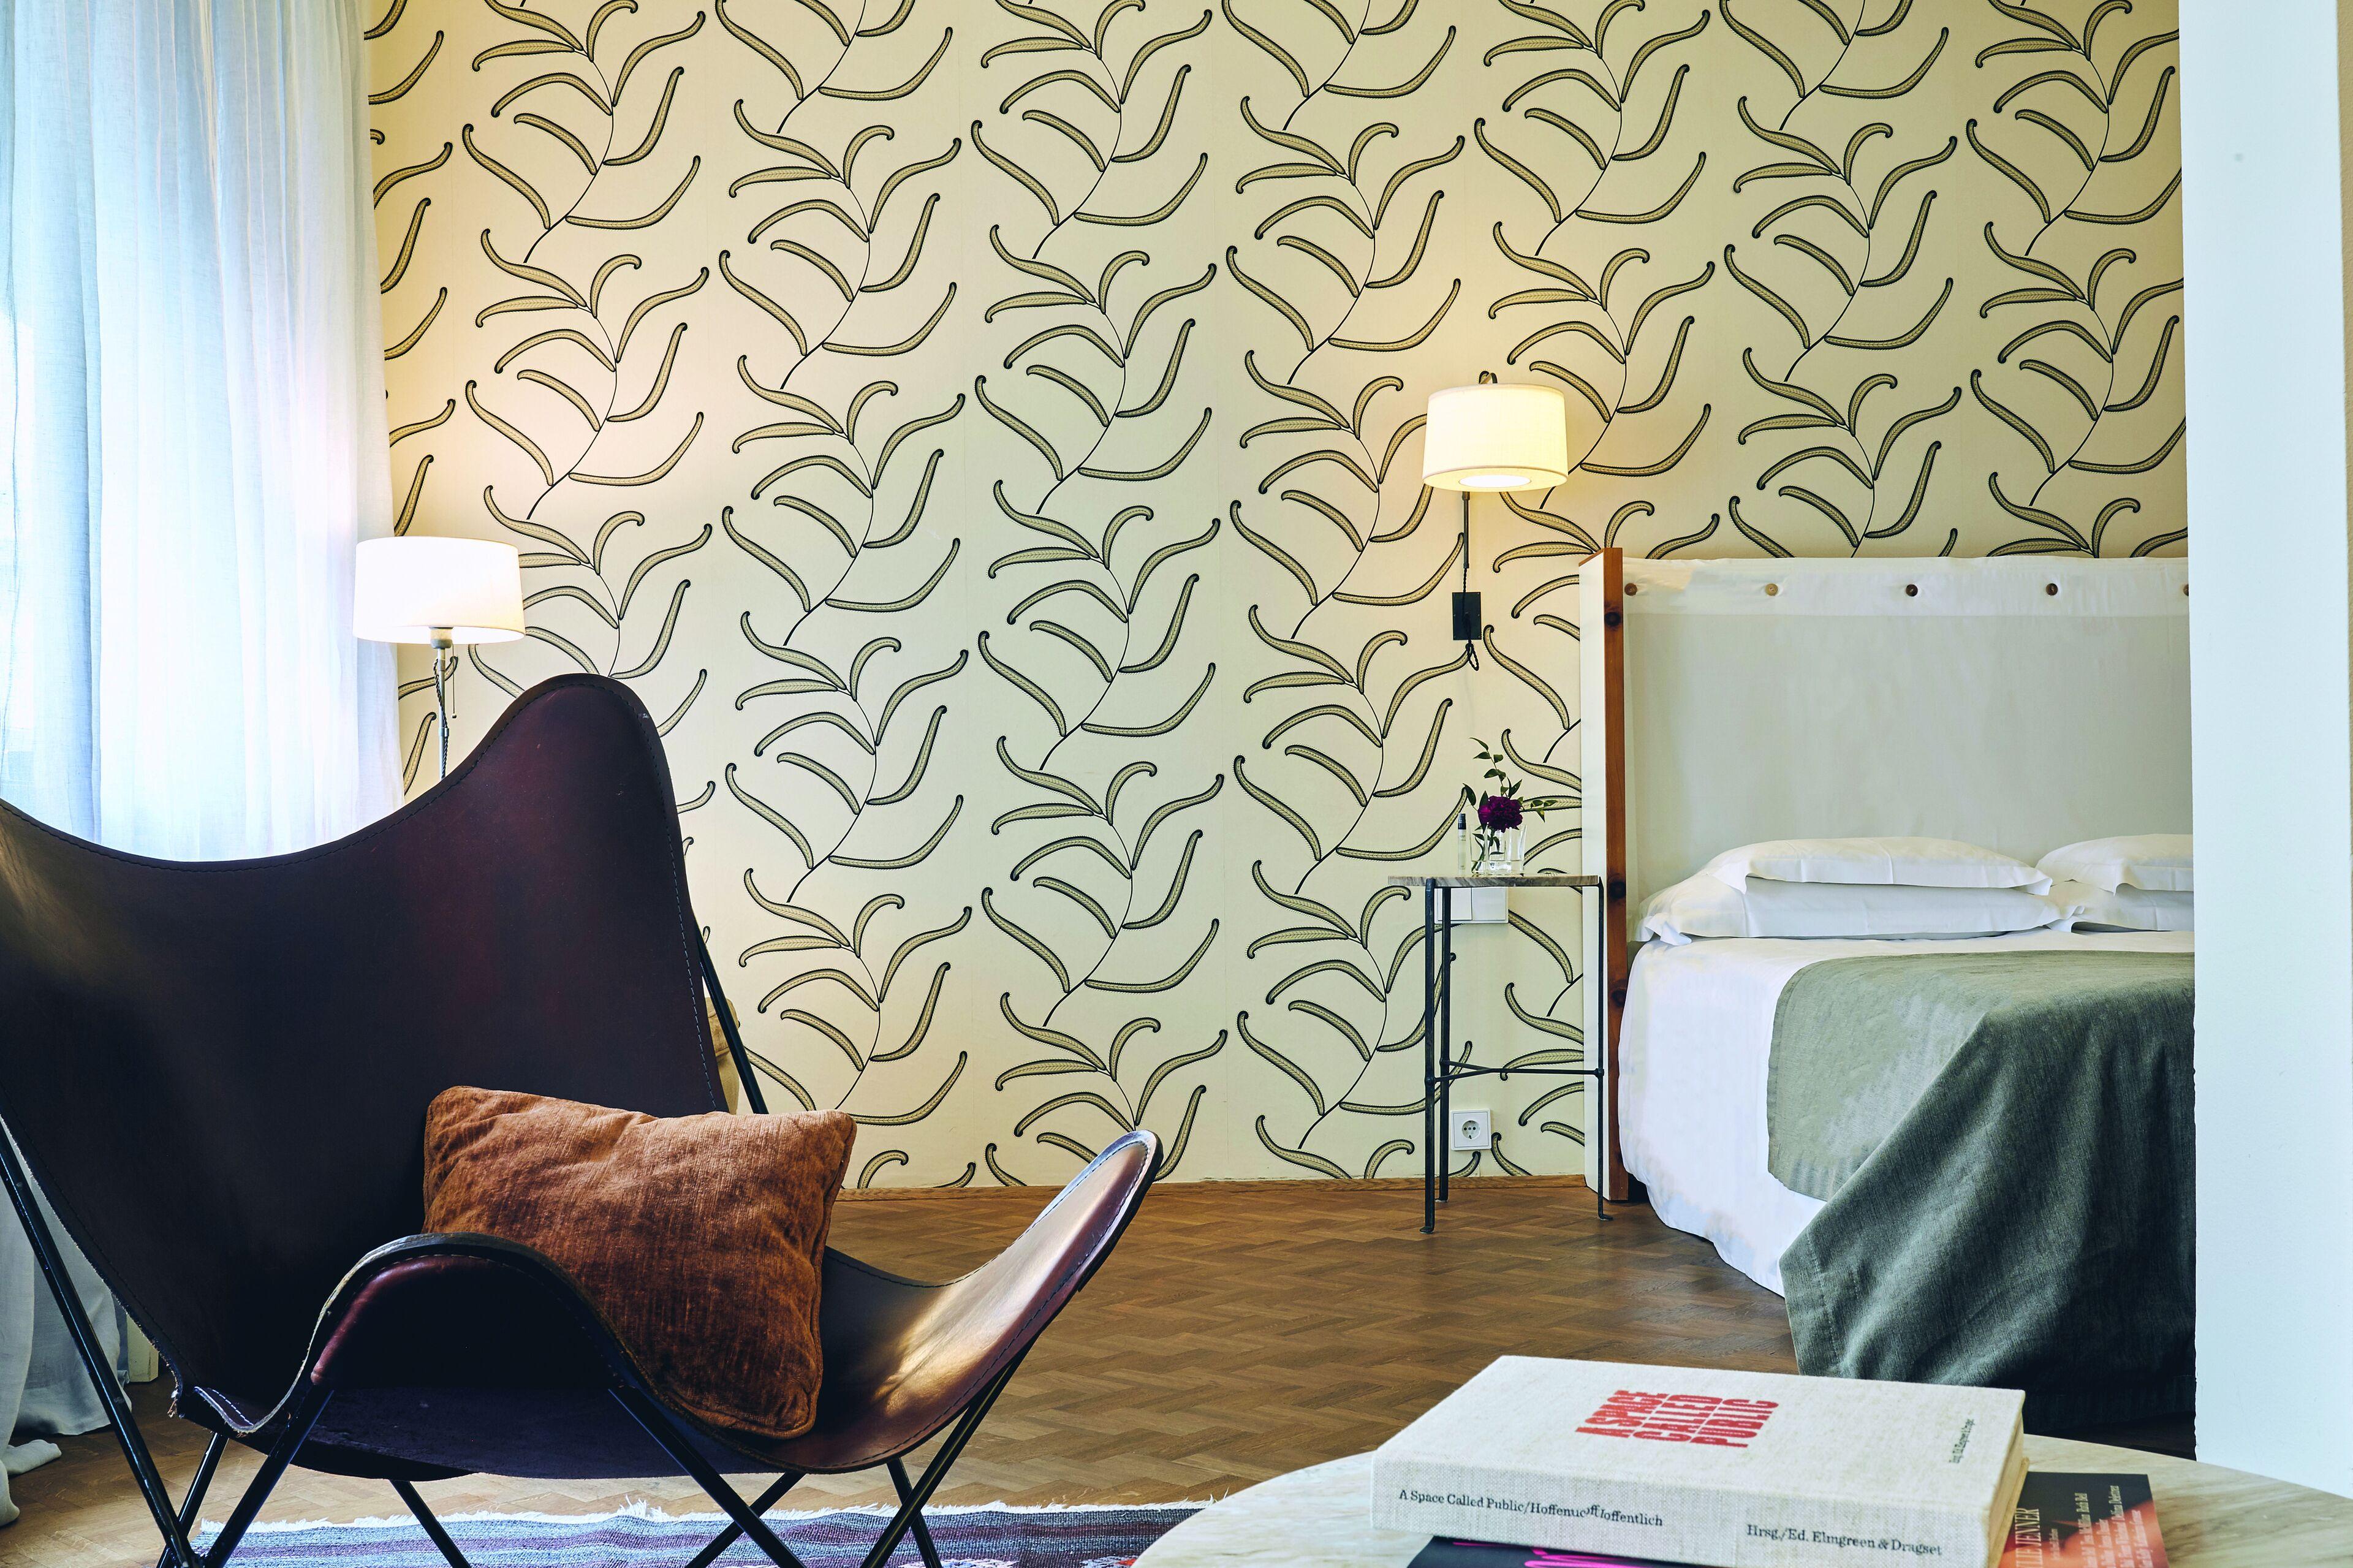 De 10+ beste bildene for Sofaer   stue, rom design, interiør